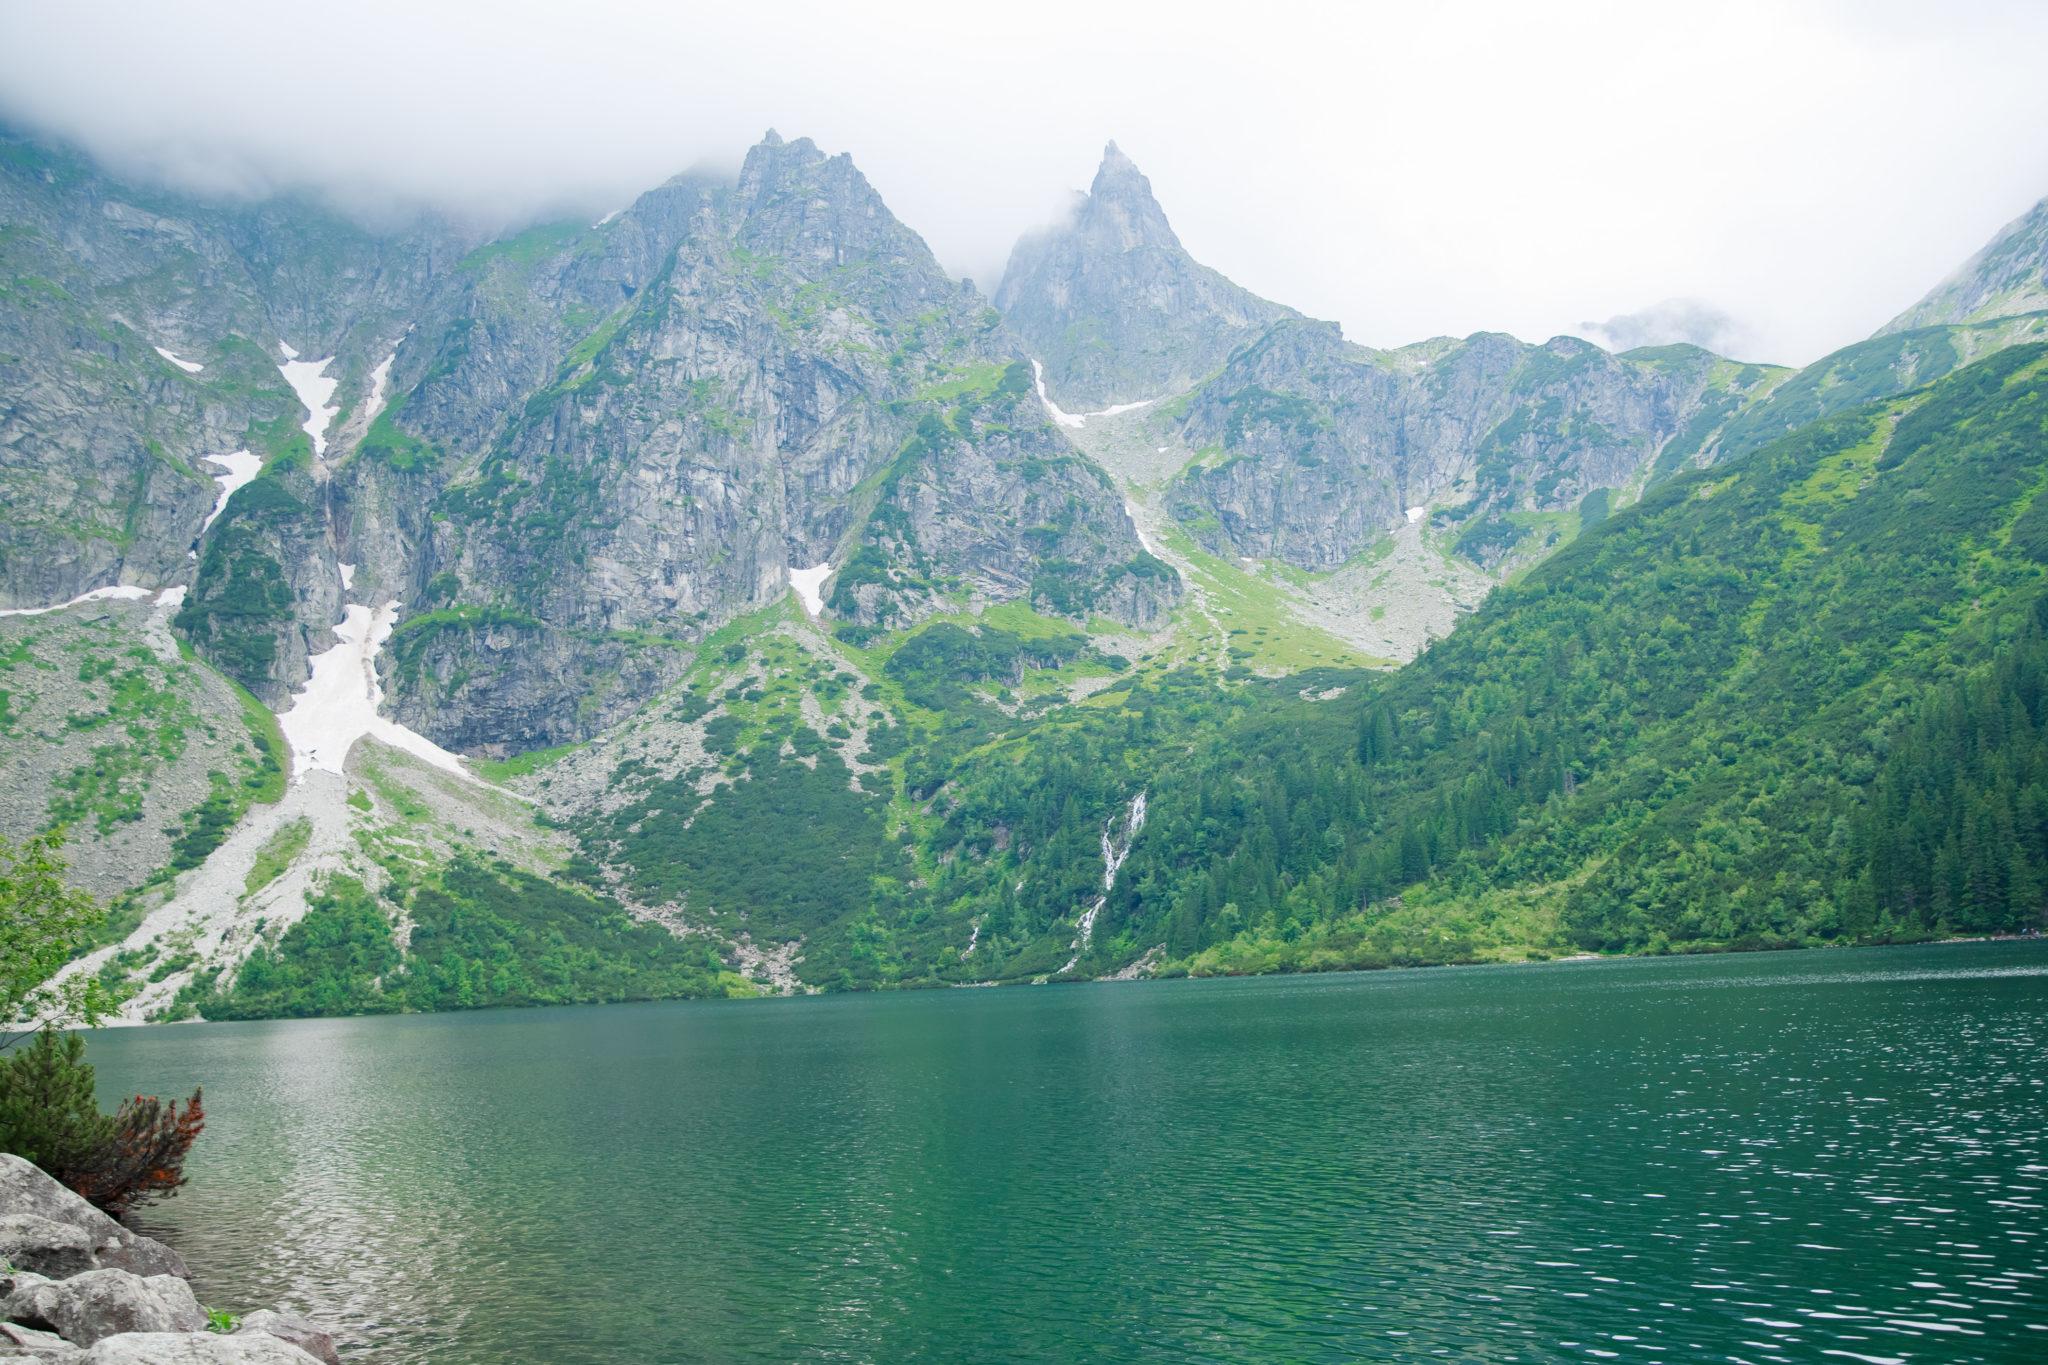 самое высокое озеро над уровнем моря